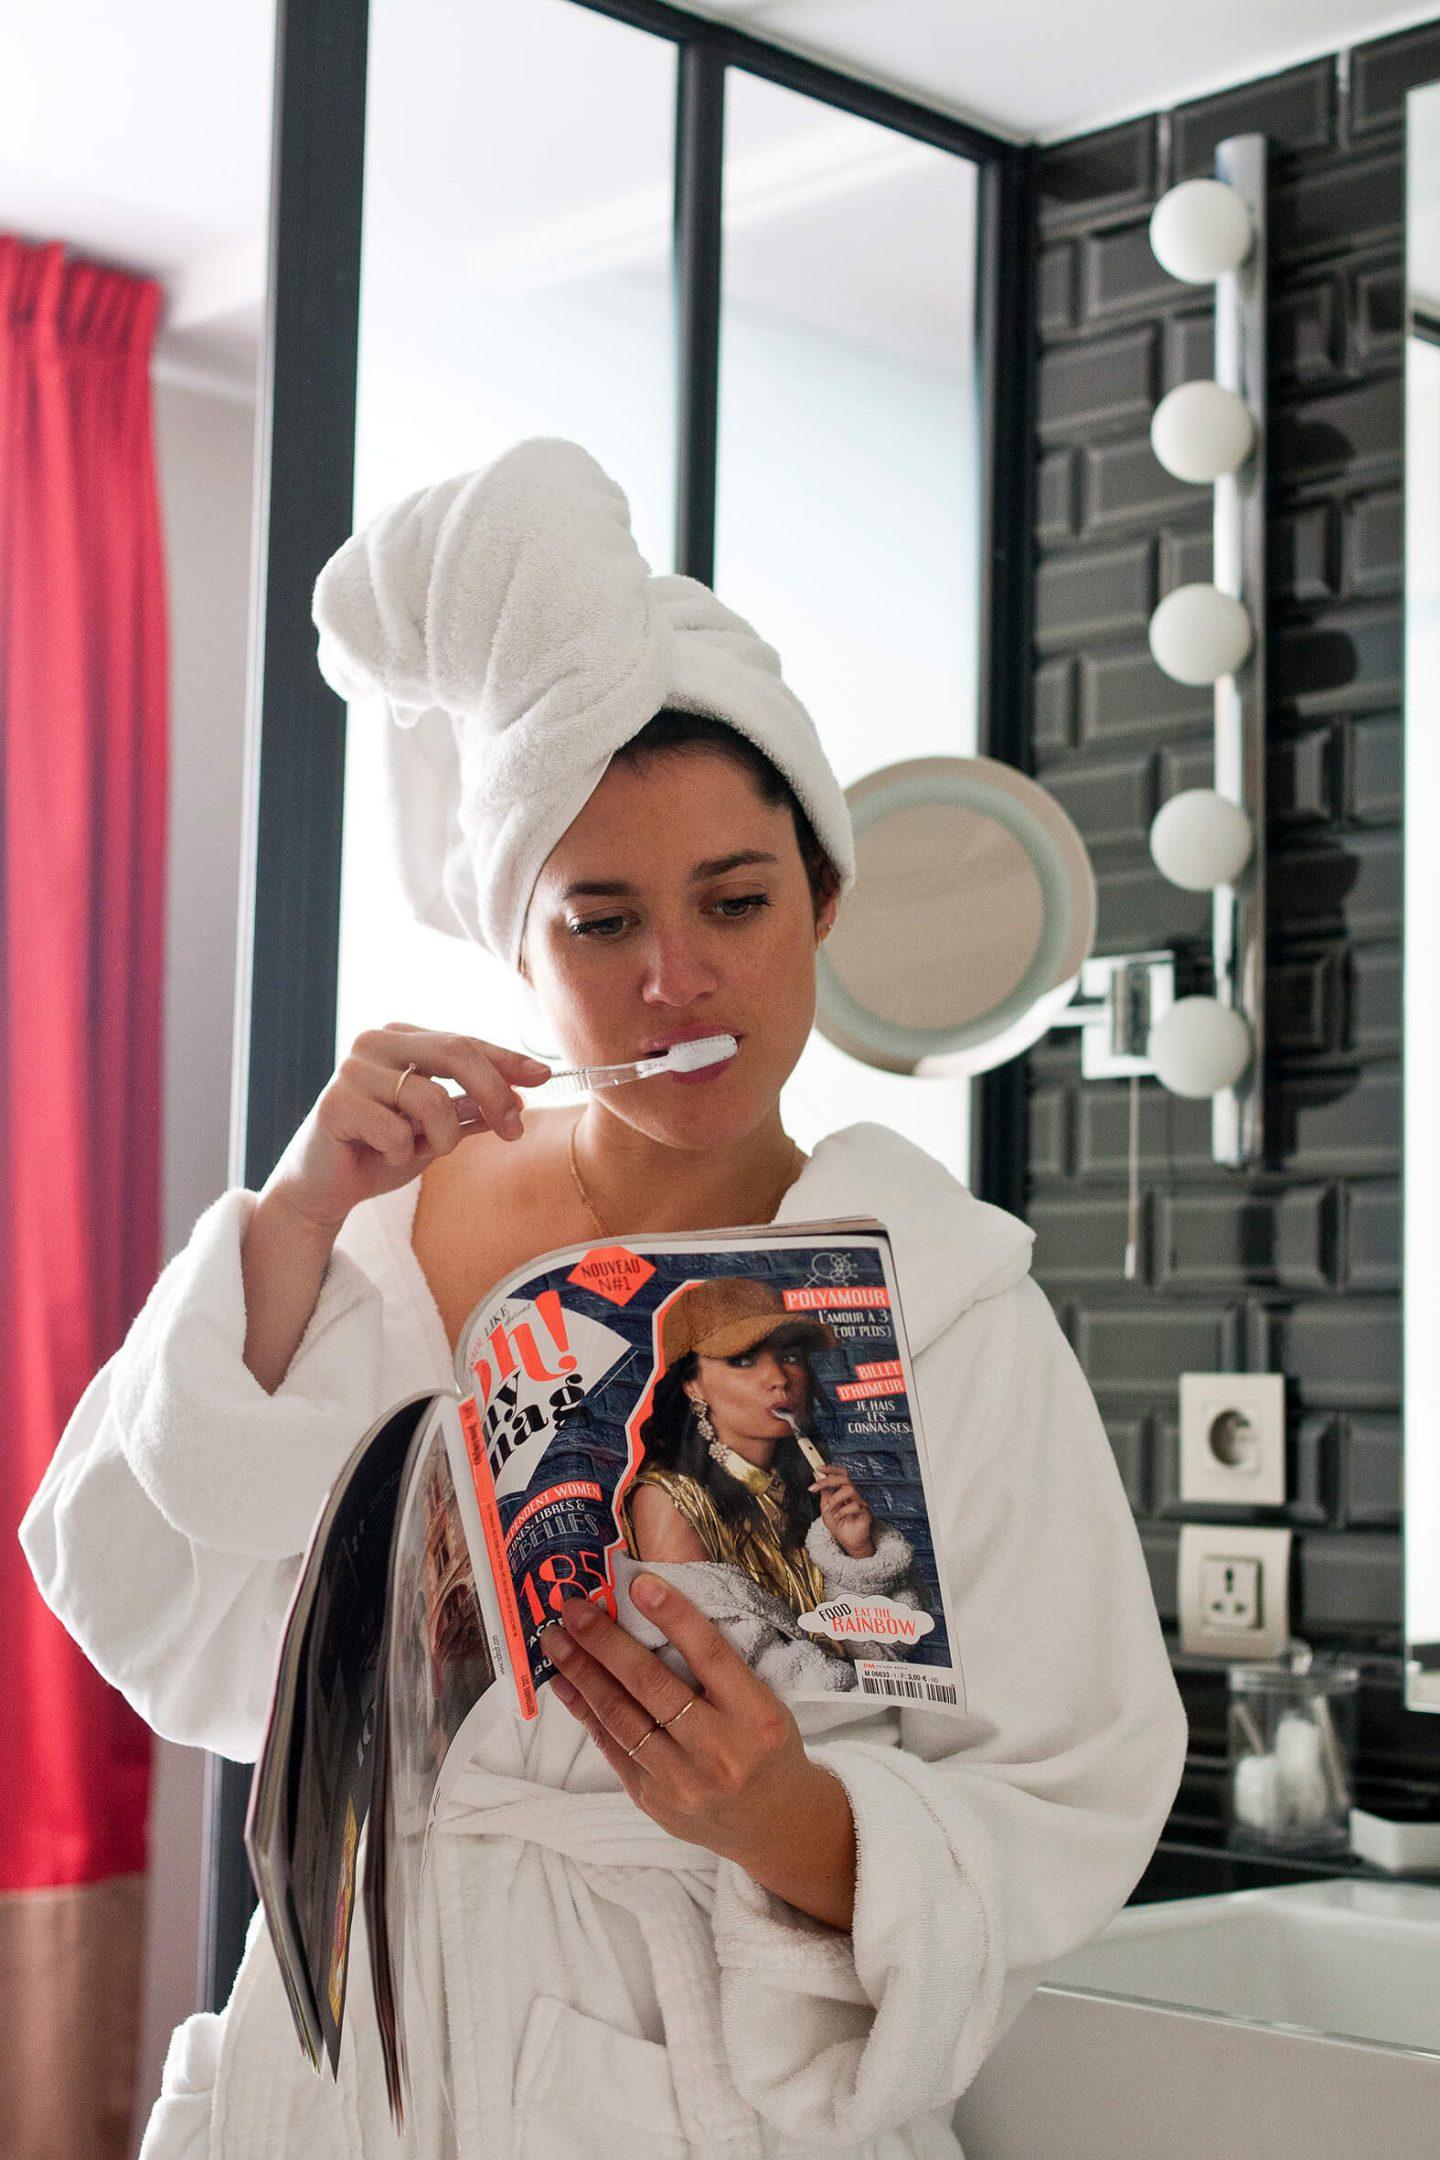 Magazine Oh my mag X L'atelier d'al blog mode lifestyle DIY Paris